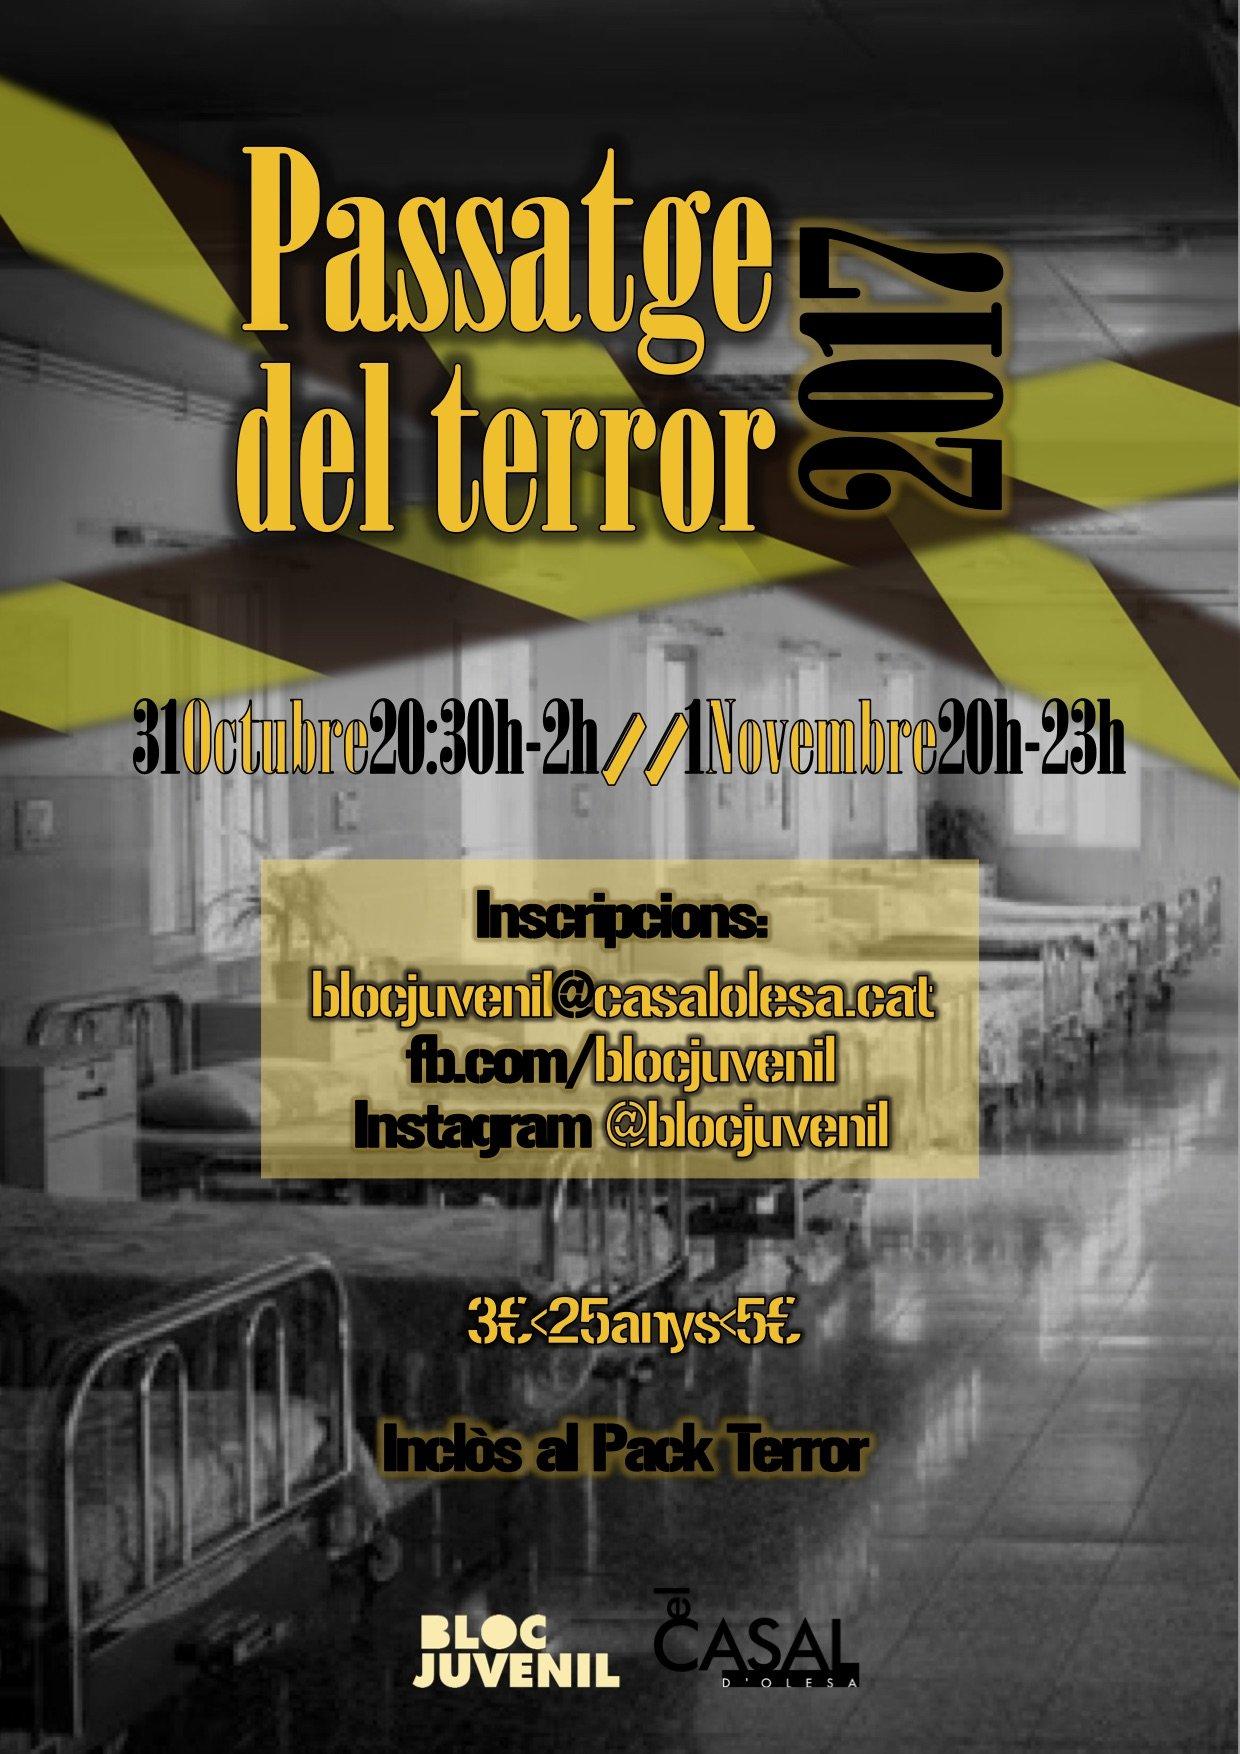 Passatge del Terror 2017